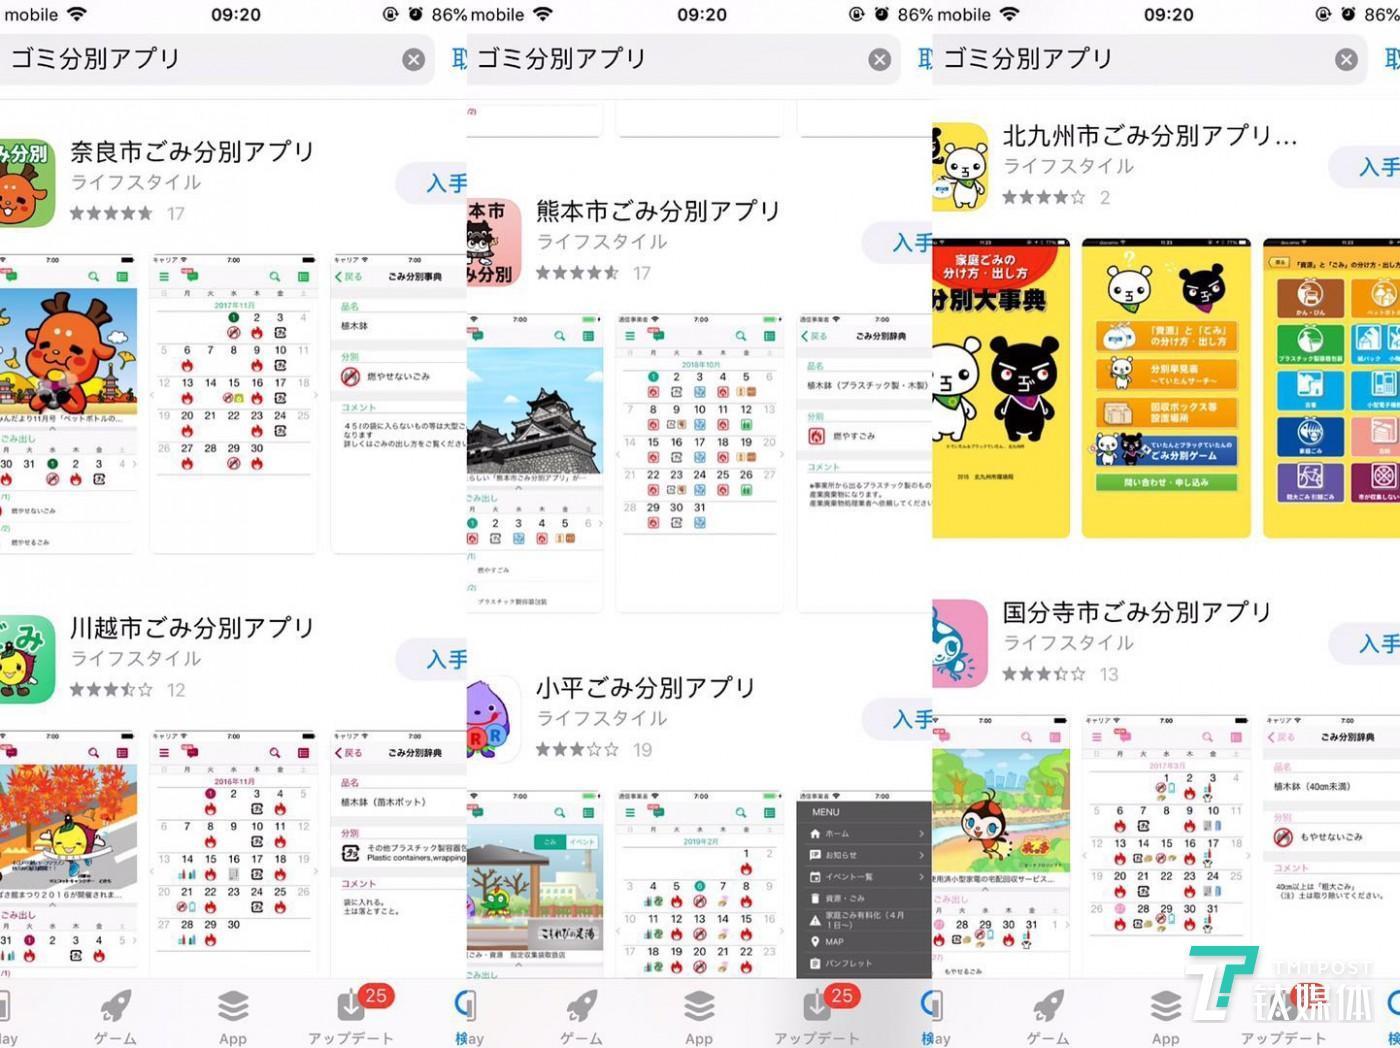 日本各市区垃圾分类App(拍摄/钛媒体驻日记者,玉琴)